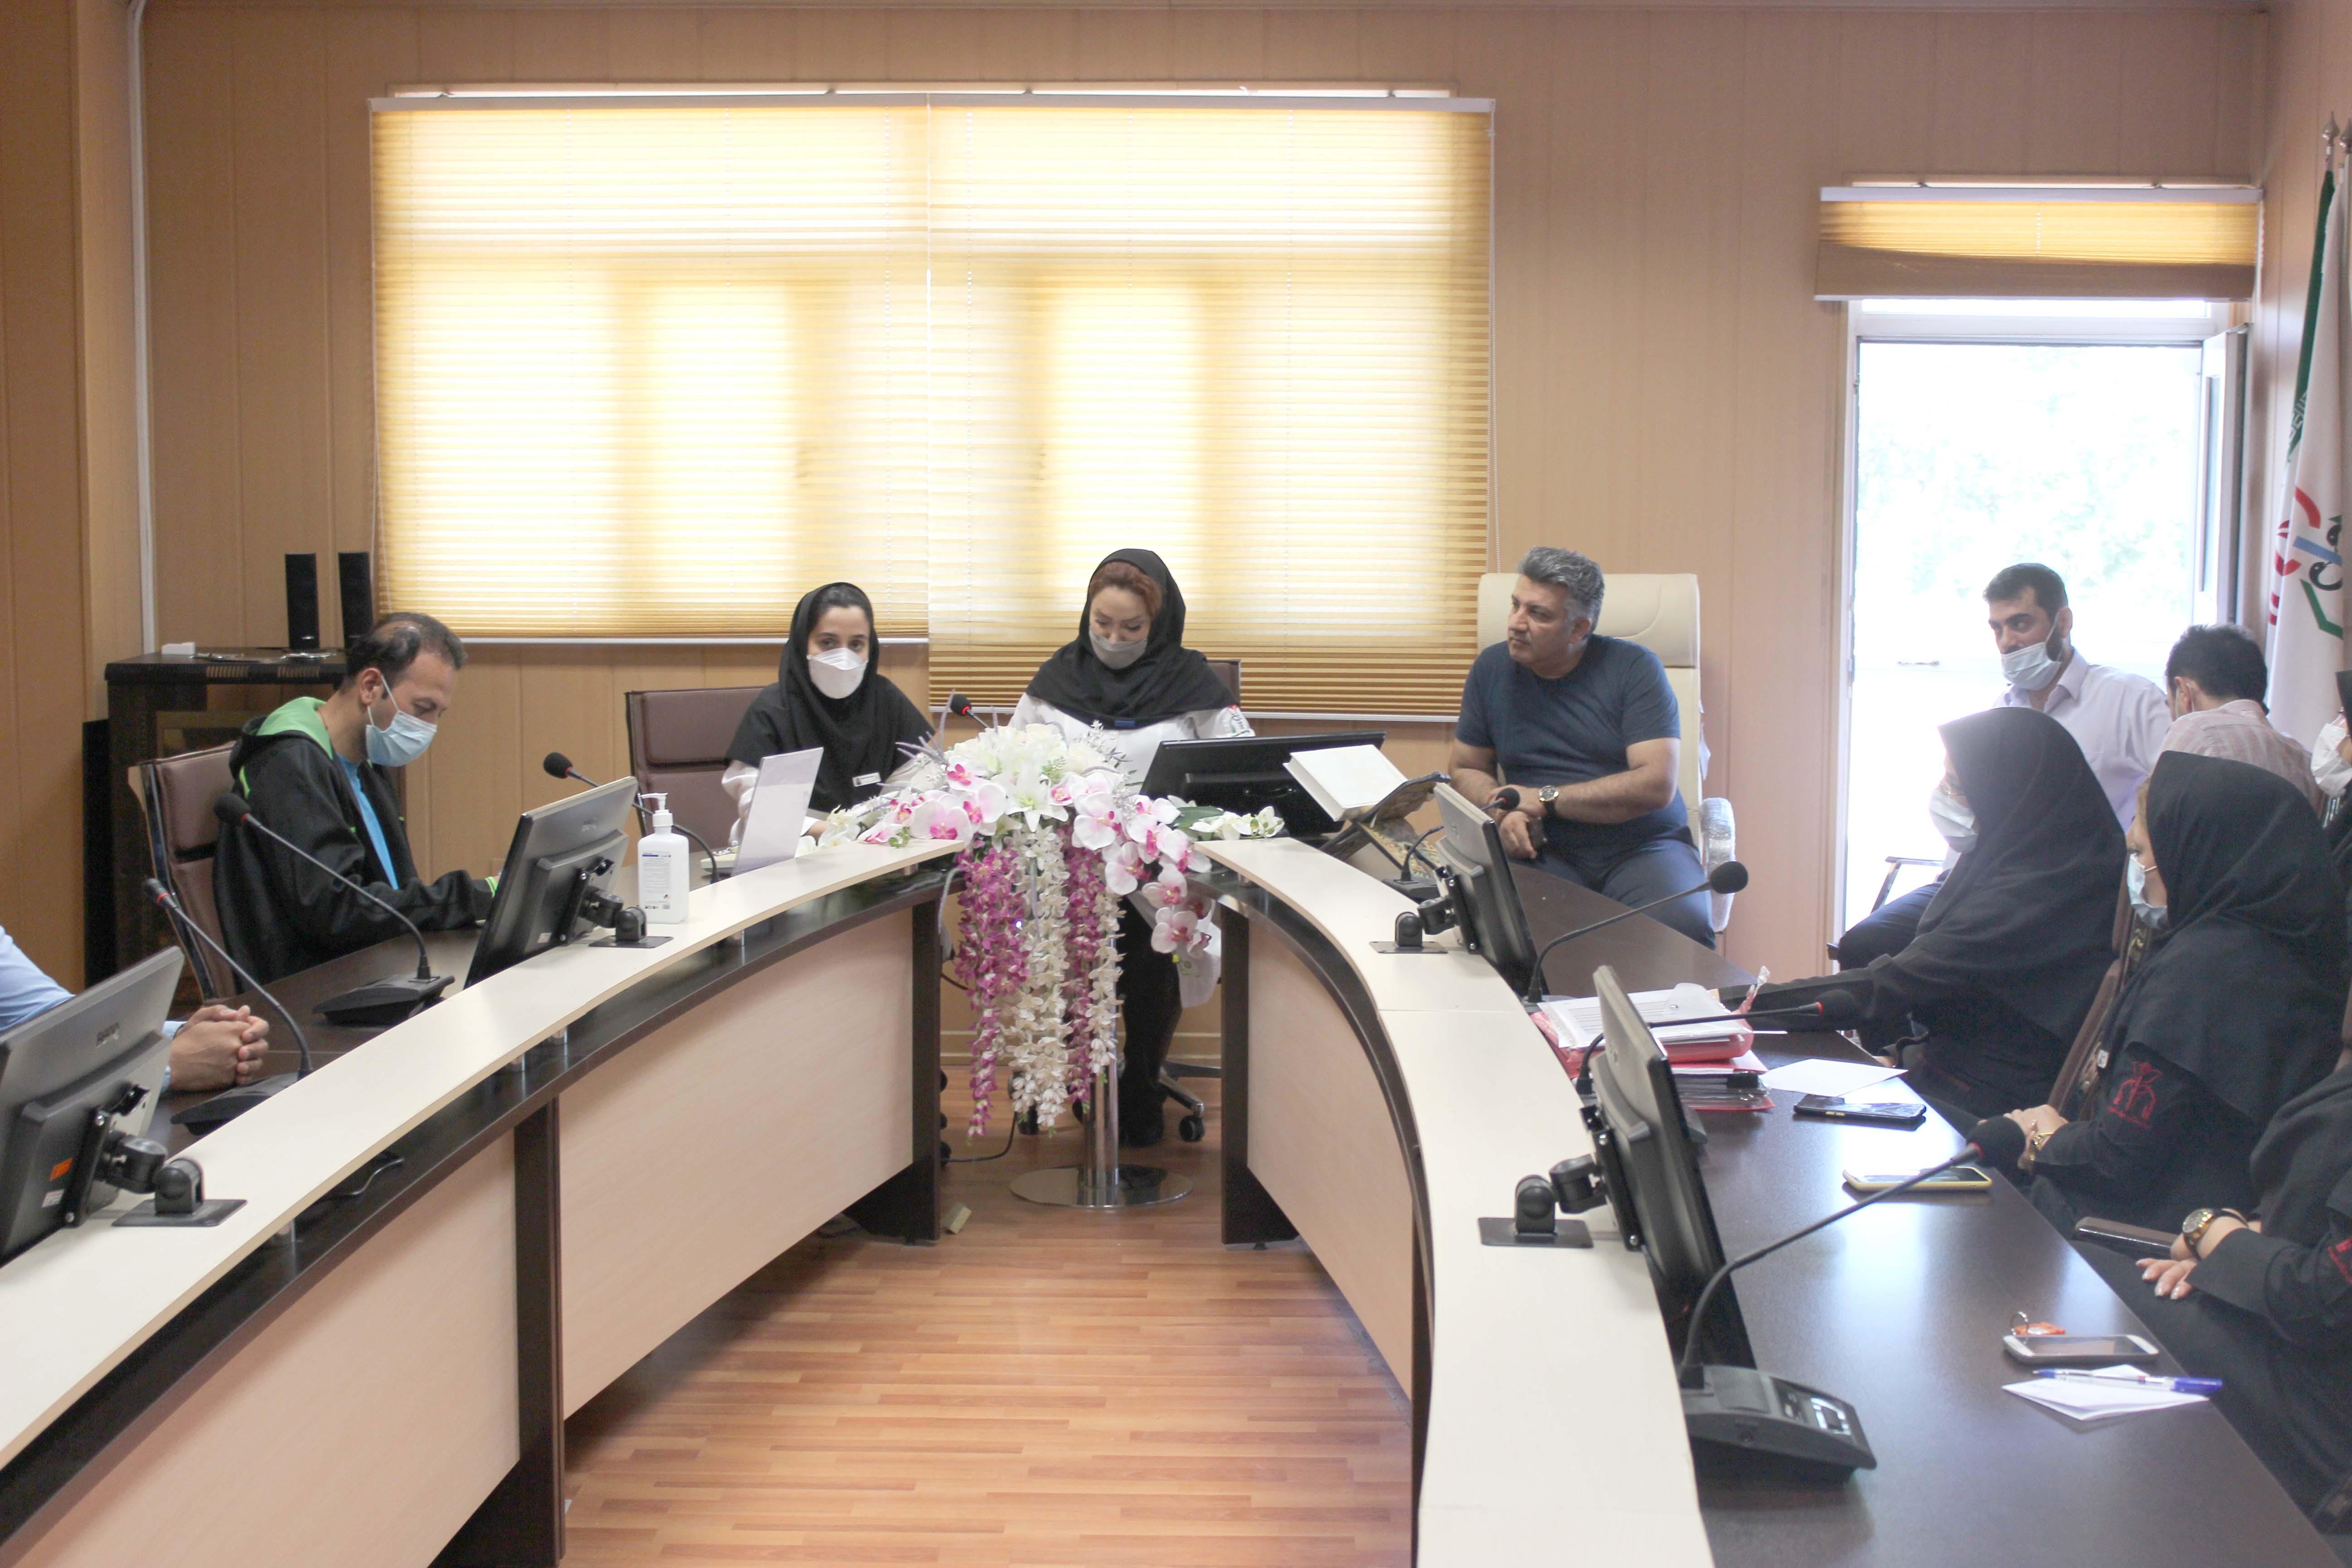 کلاس نحوه برخورد صحیح با بیمار اعصاب و روان در بیمارستان میلادشهریار برگزار شد